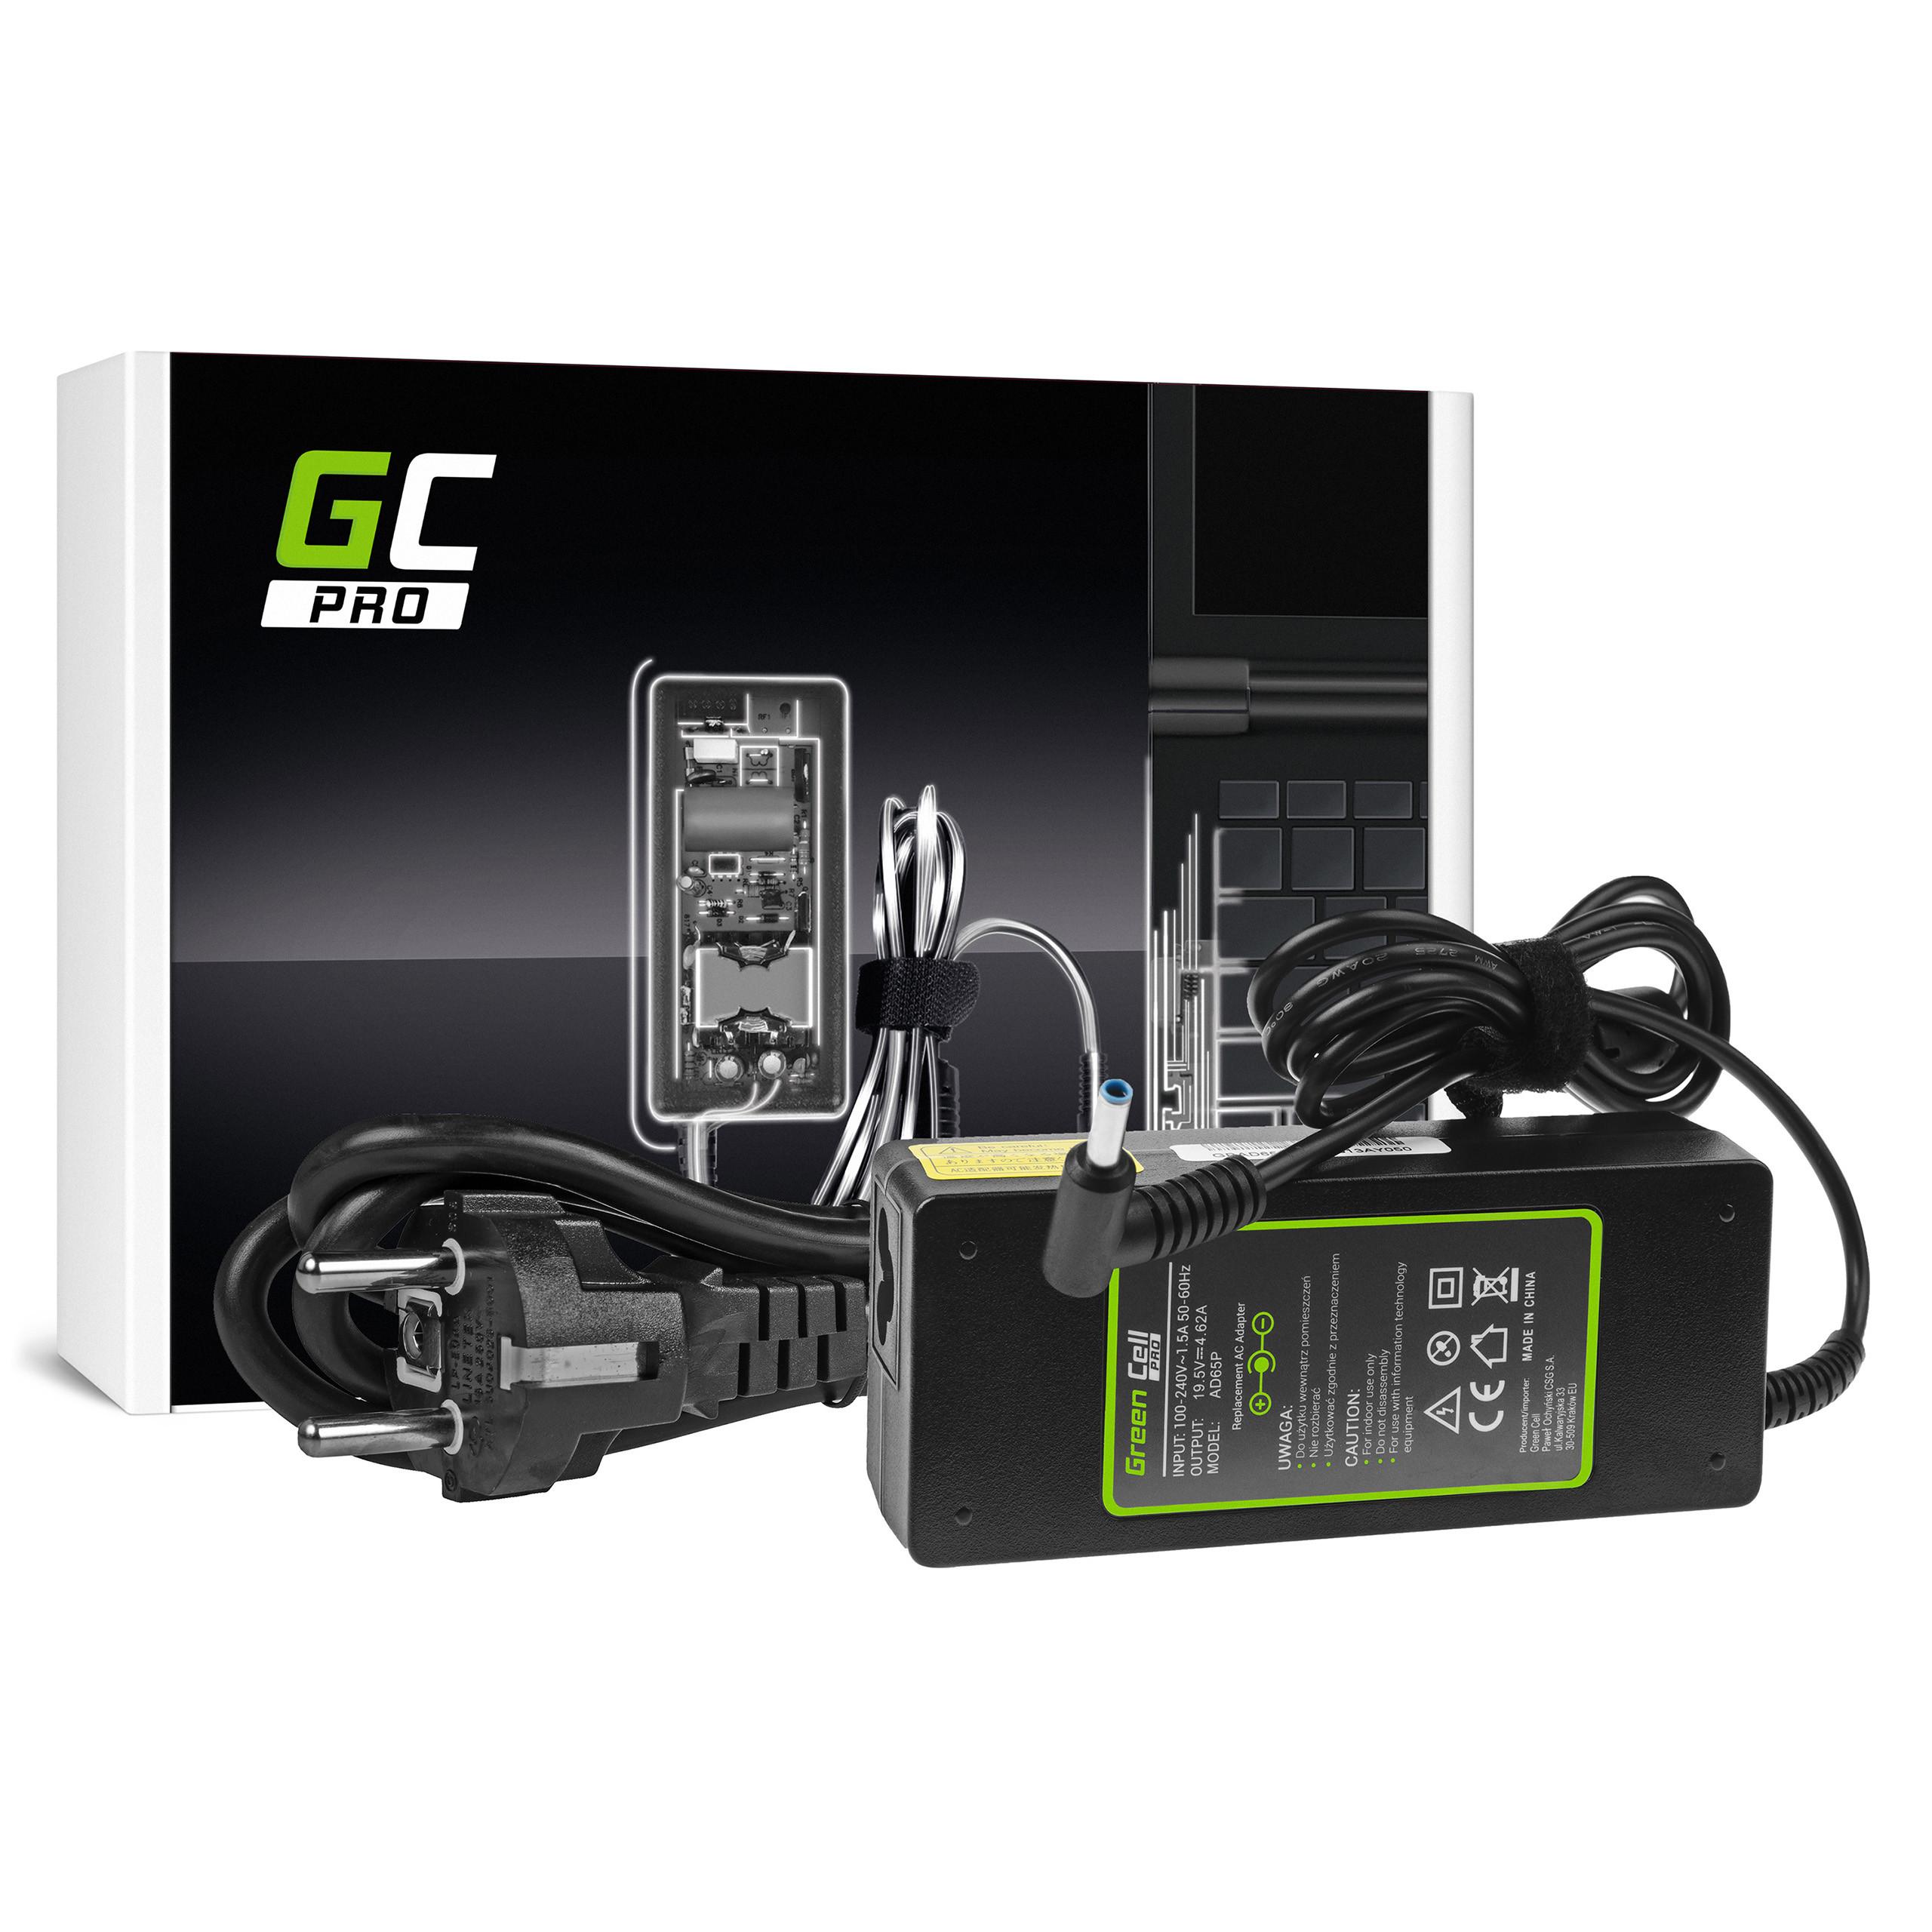 Zasilacz Ładowarka Green Cell PRO 19.5V 4.62A 90W do HP 250 G2 ProBook 650 G2 G3 Pavilion 15-N 15-N025SW 15-N065SW 15-N070SW